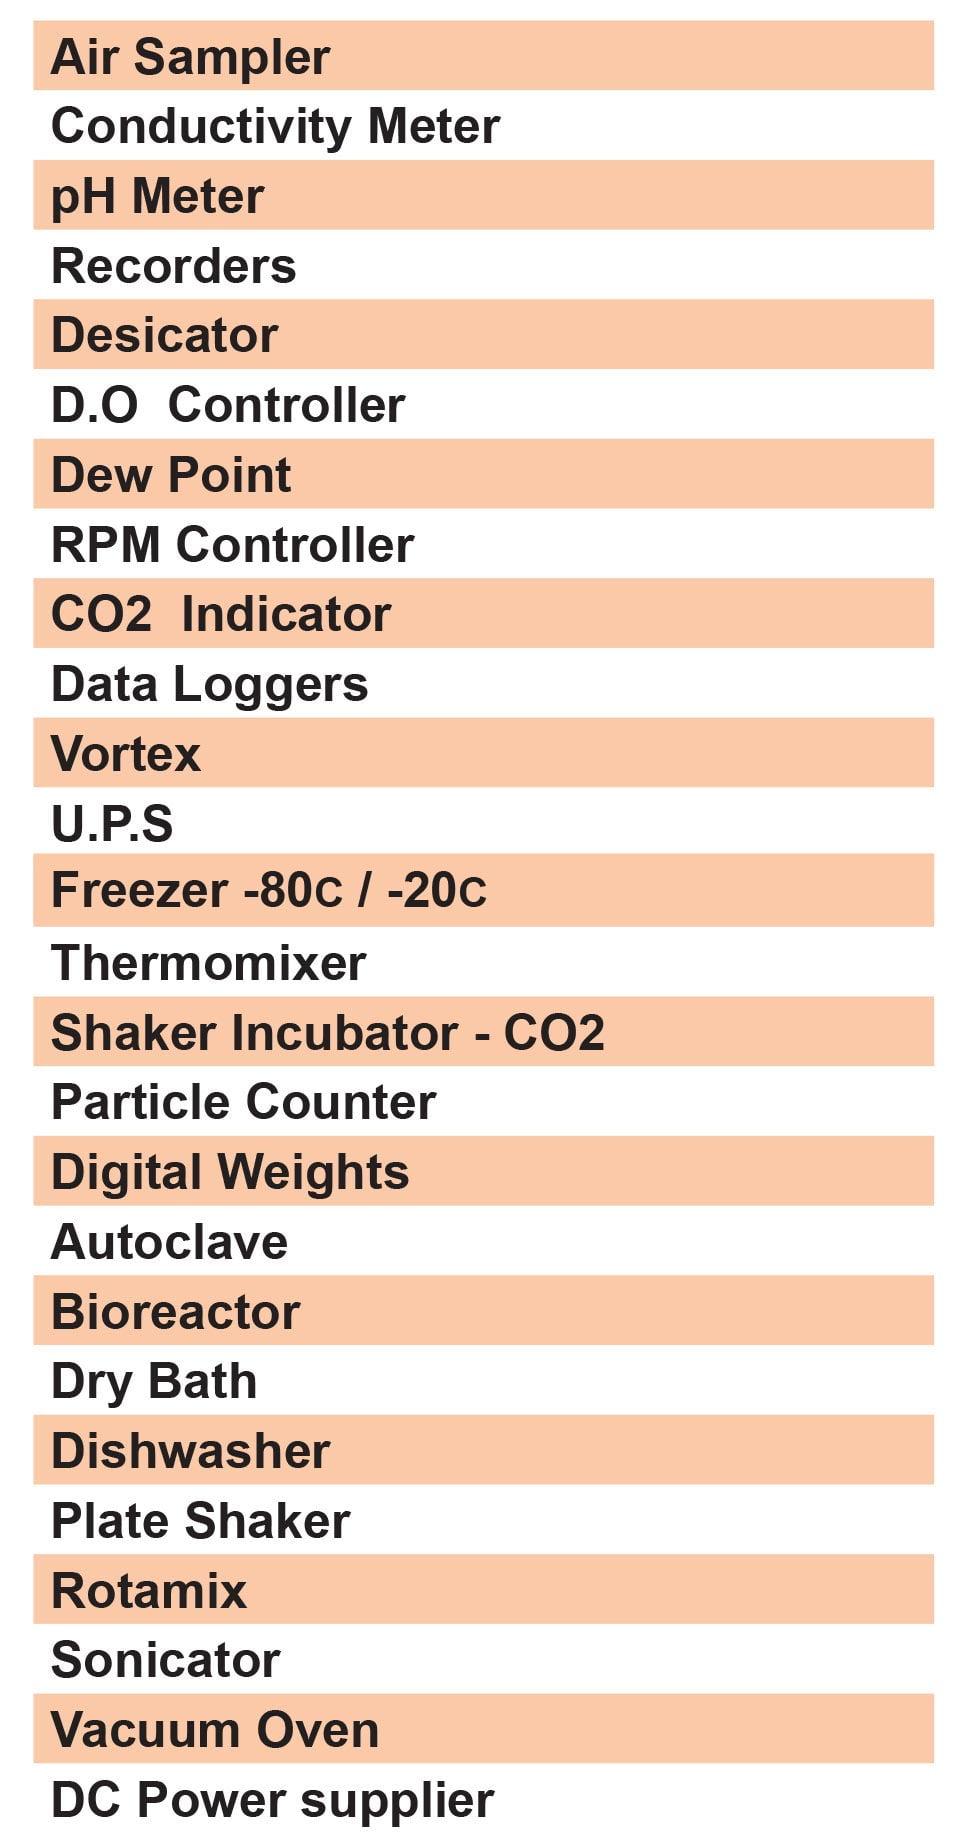 כיול מכשירי מדידה - טבלת נתונים סוגי מכשירי מדידה